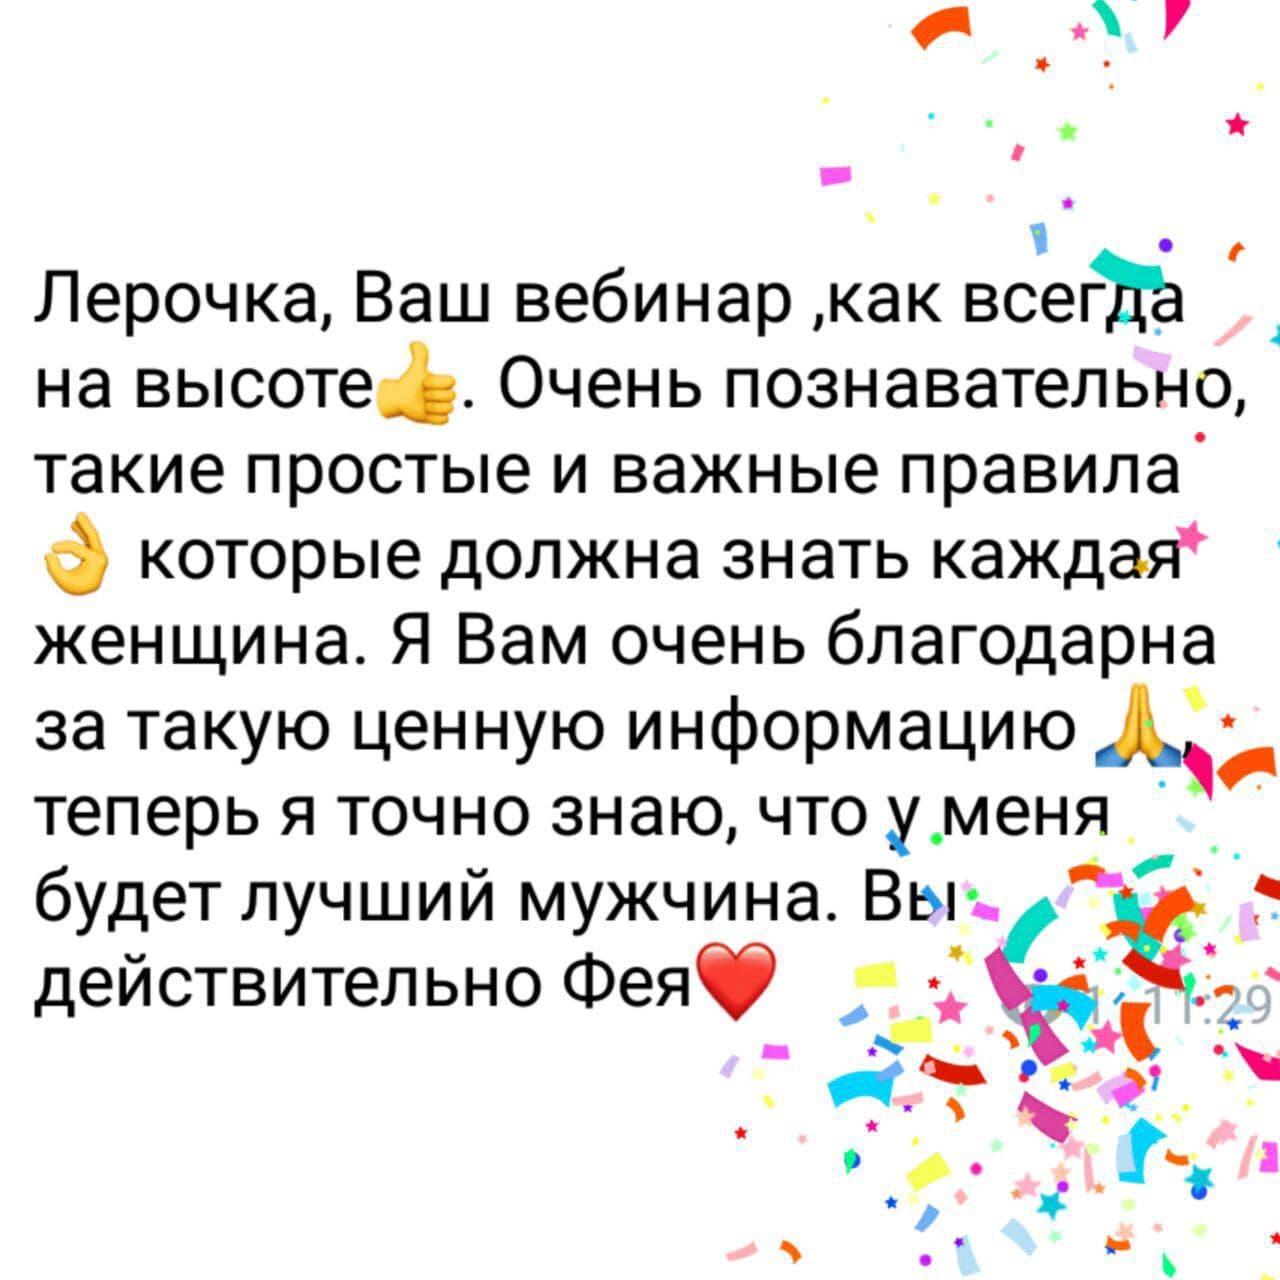 photo_2020-11-12_12-37-25